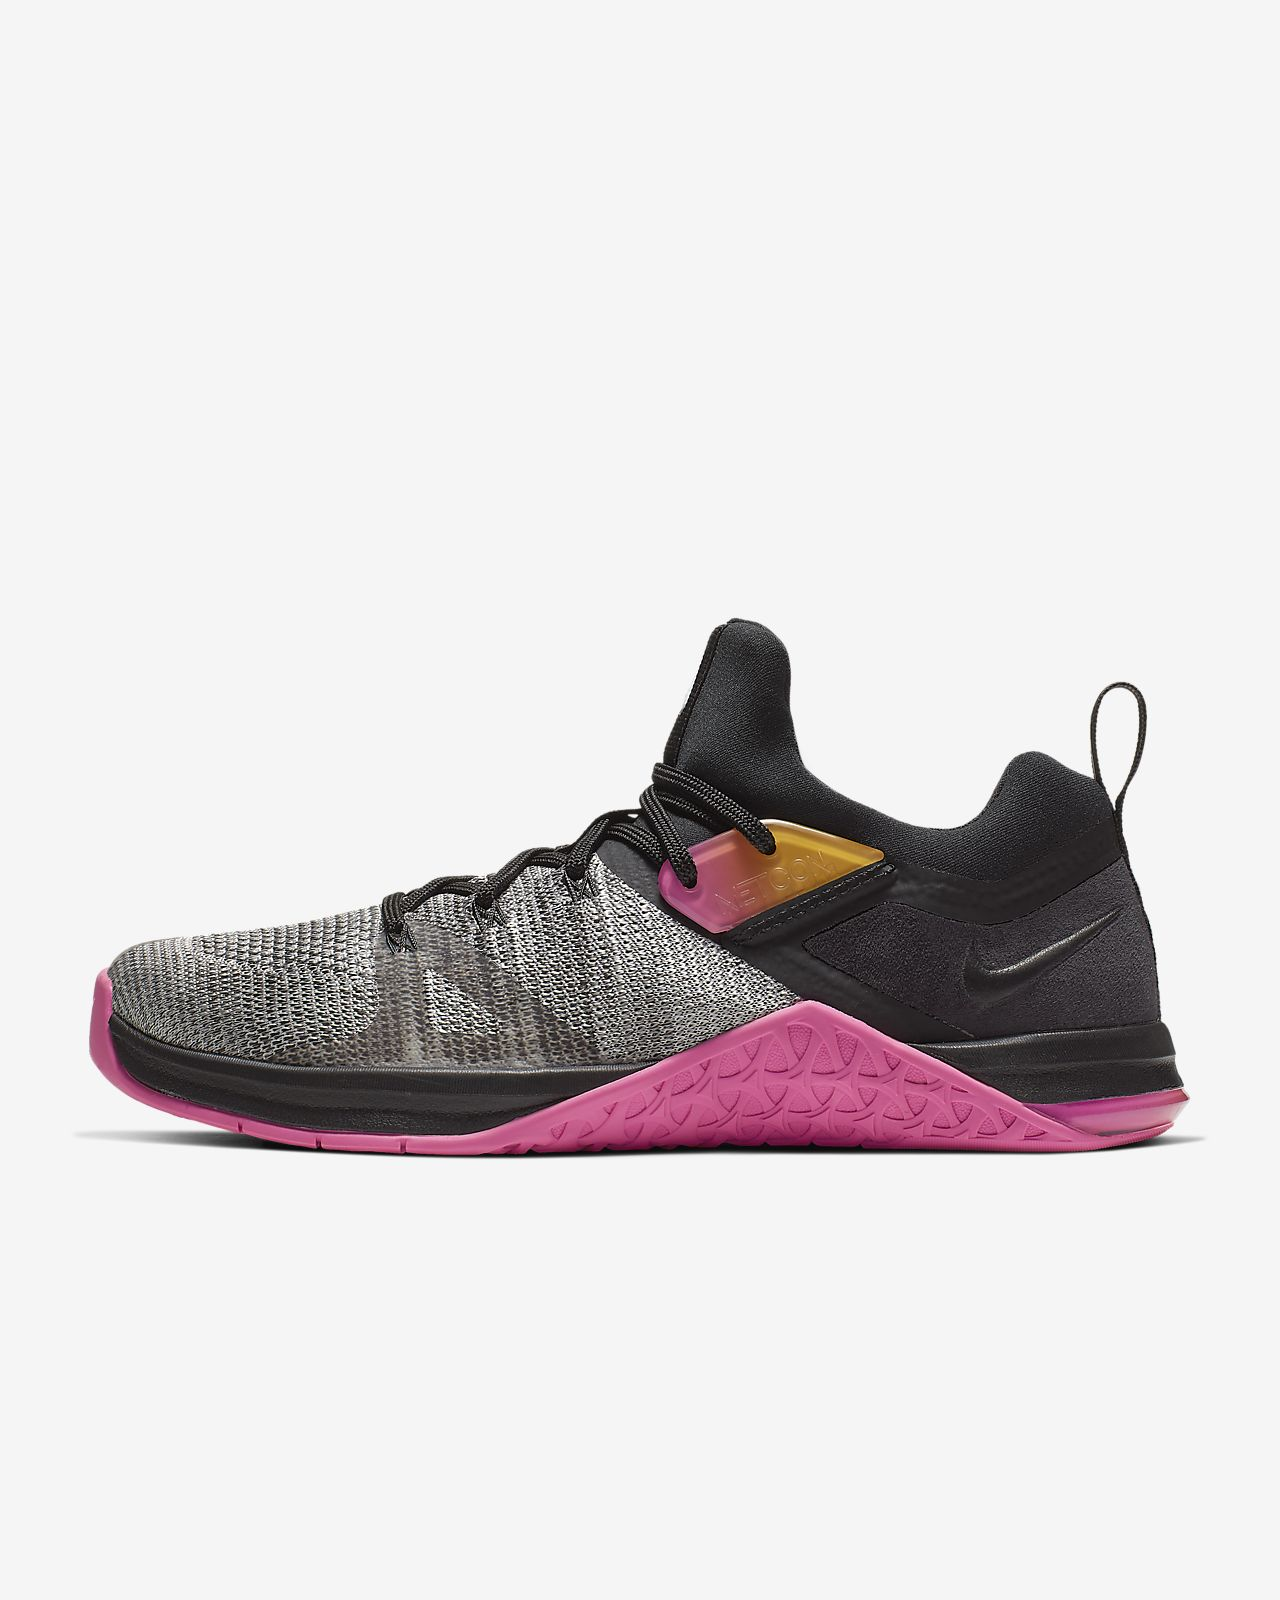 Sko Nike Metcon Flyknit 3 för crosstraining och tyngdlyftning för kvinnor